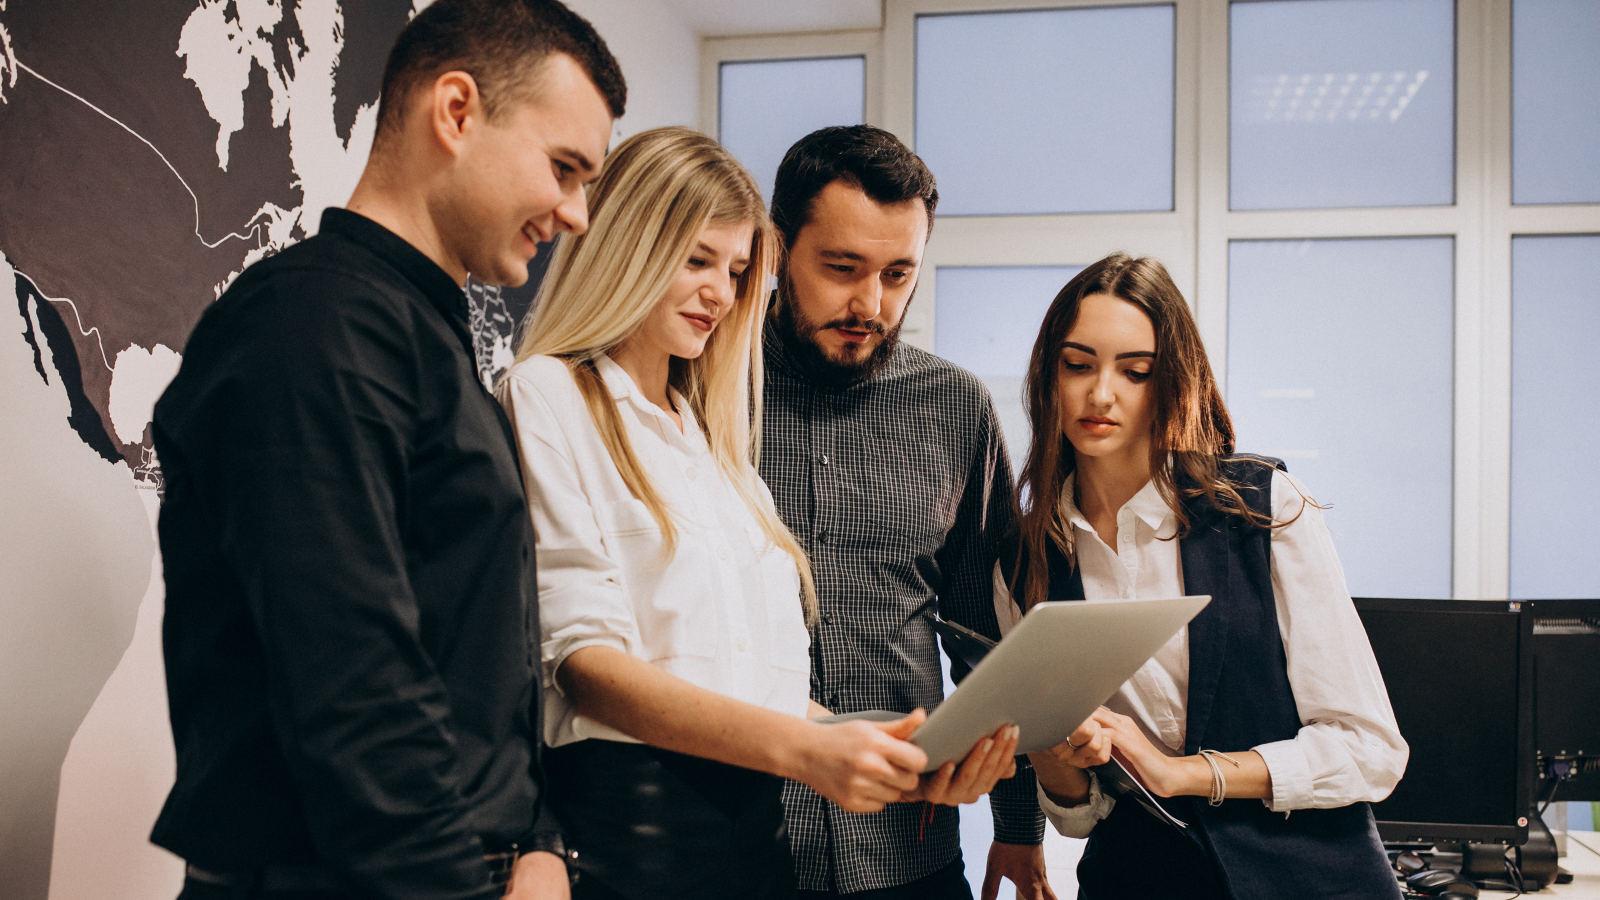 Créer une vidéo pour présenter une entreprise